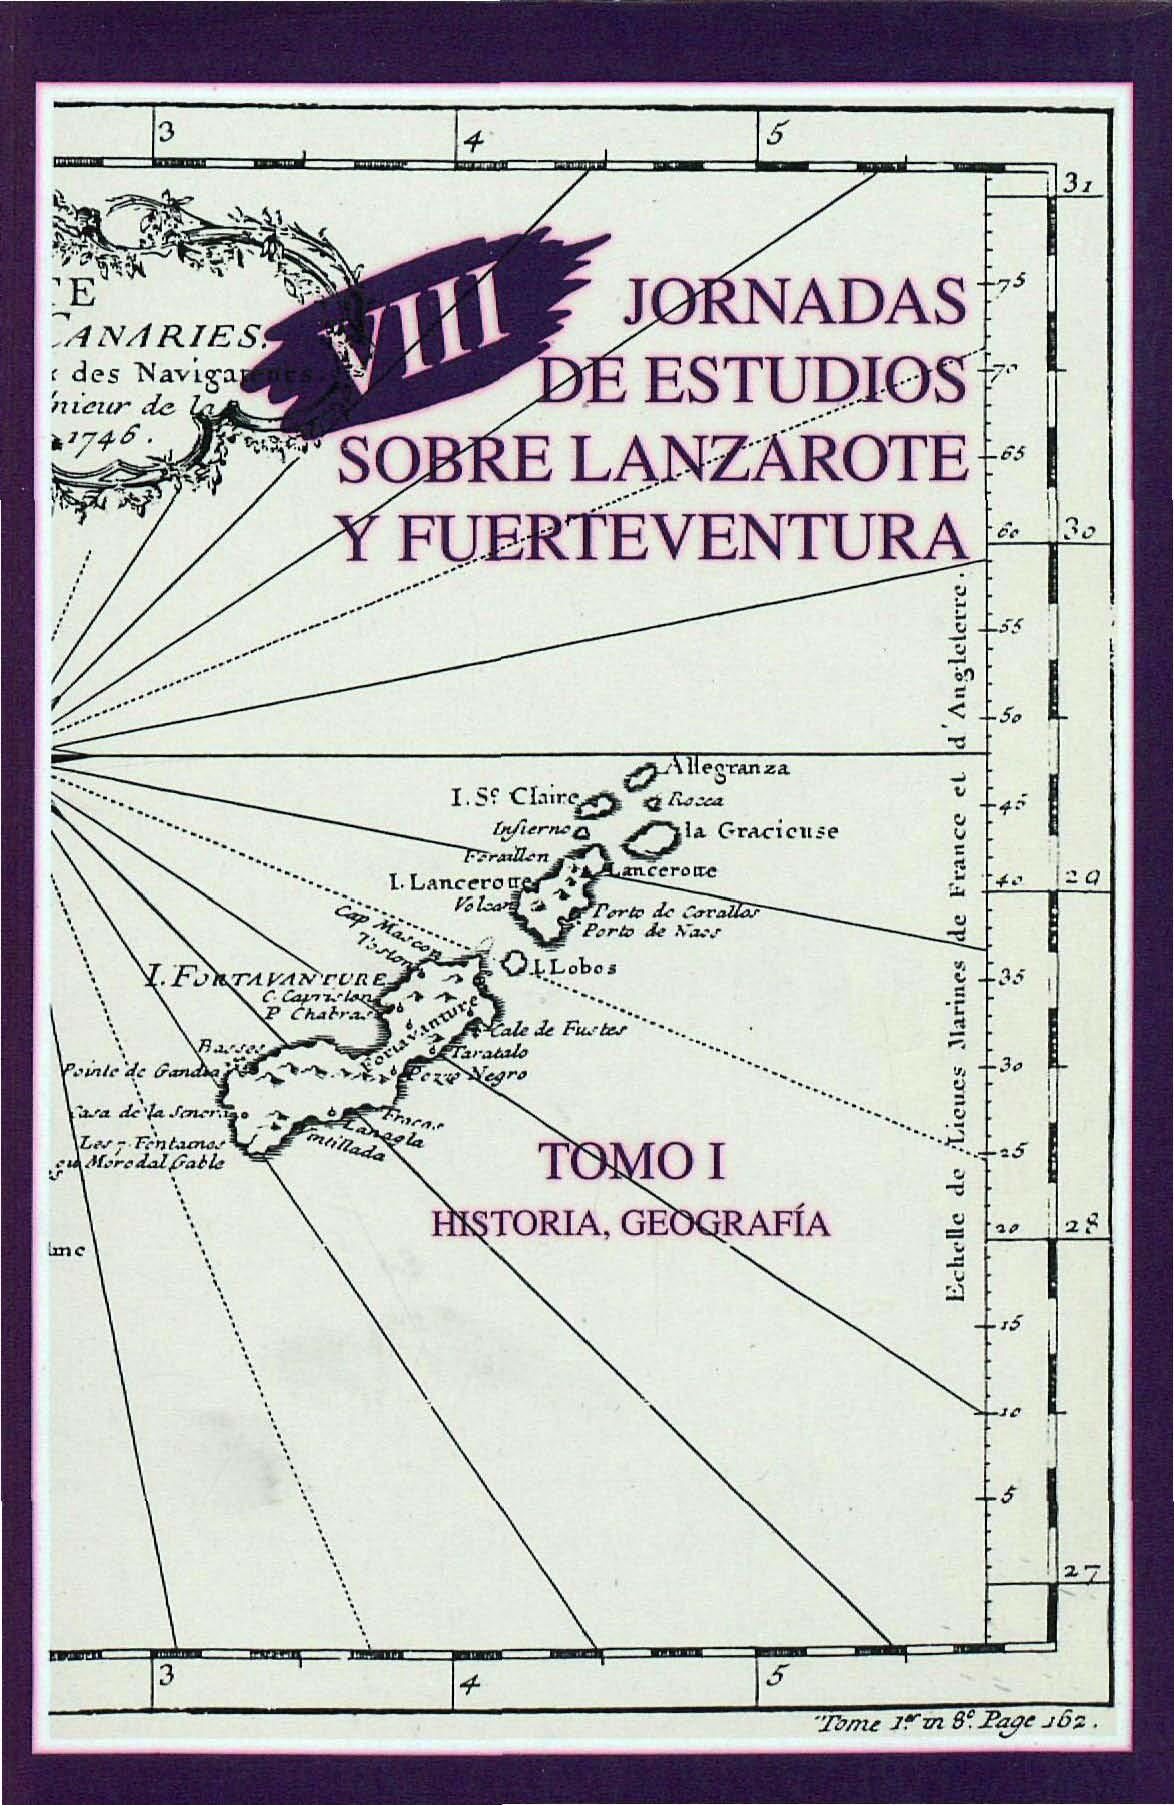 Leonardo Torriani y su relación con los castillos de Lanzarote